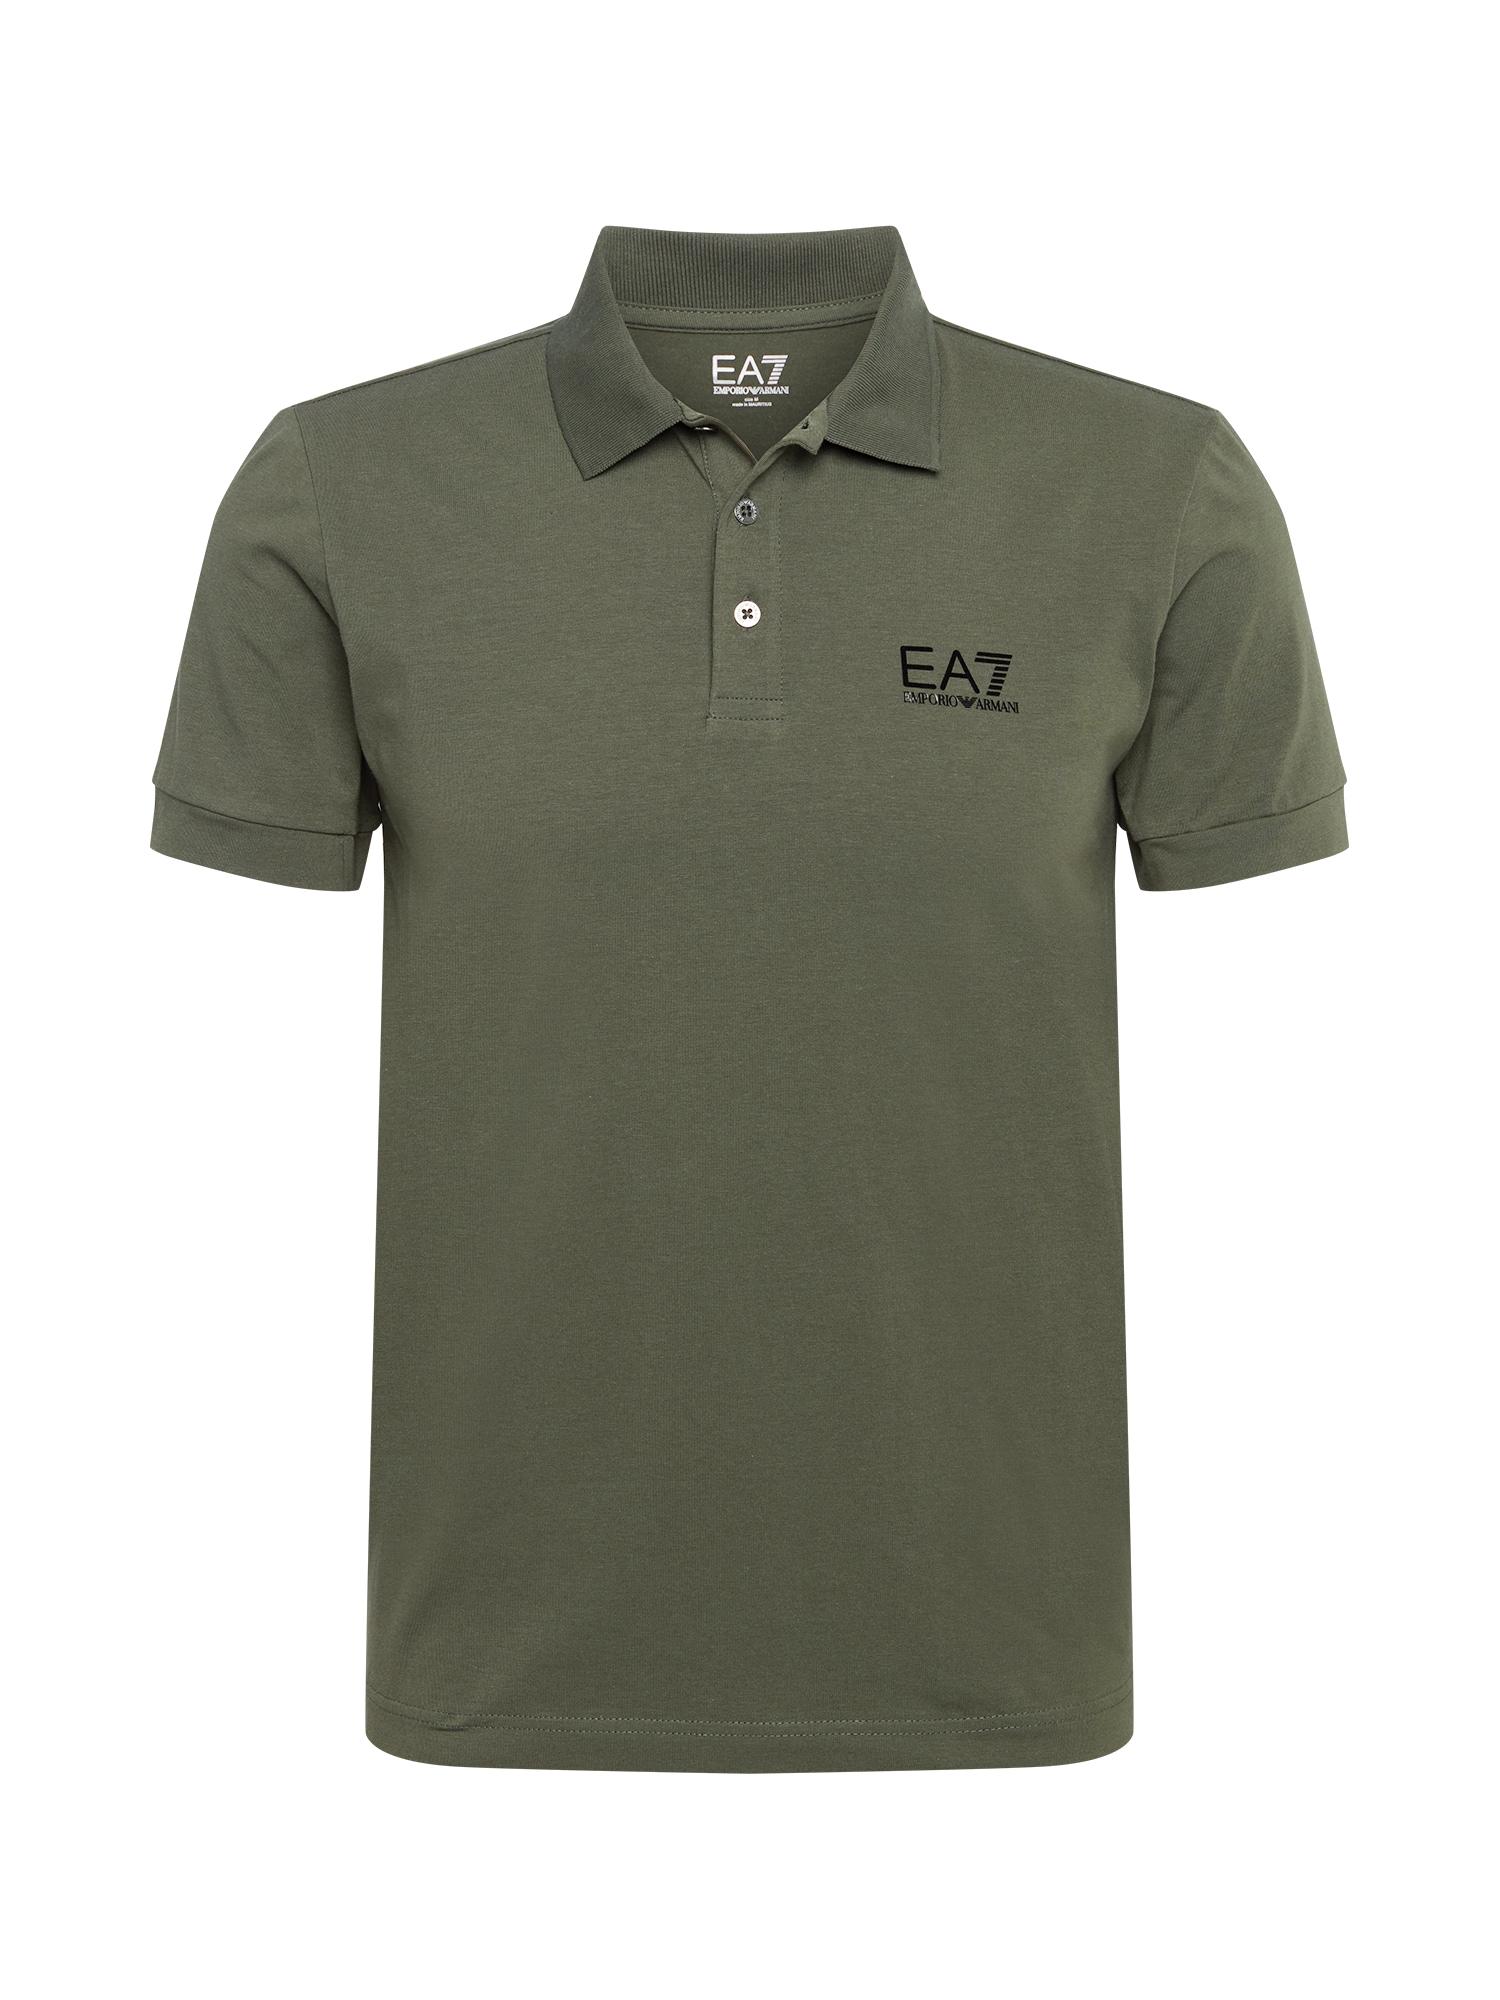 EA7 Emporio Armani Marškinėliai rusvai žalia / juoda